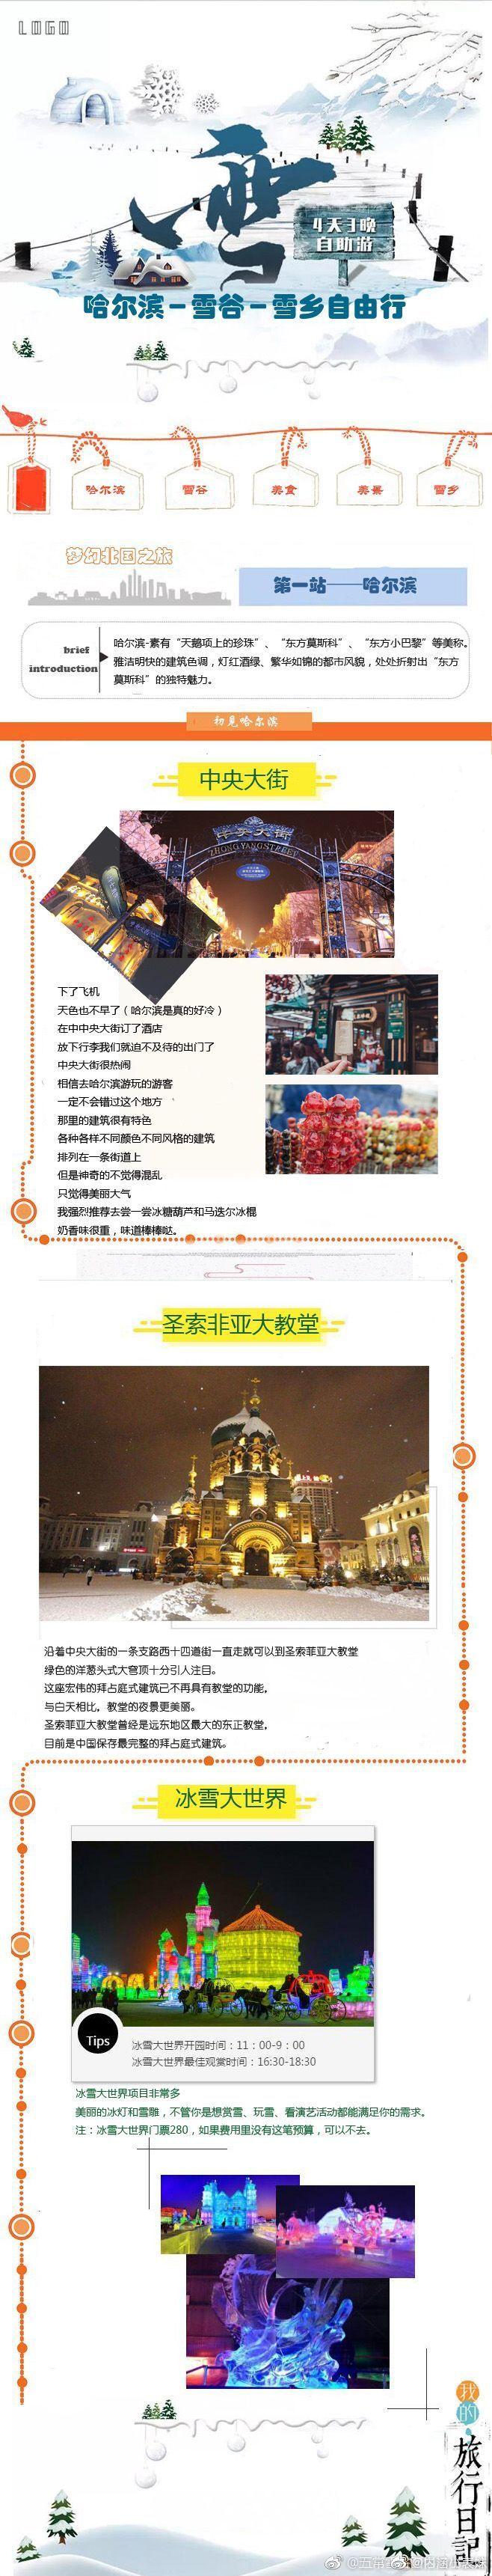 哈尔滨–雪谷–雪乡(装备+交通+住宿+行程)雪乡旅游攻略学生党自